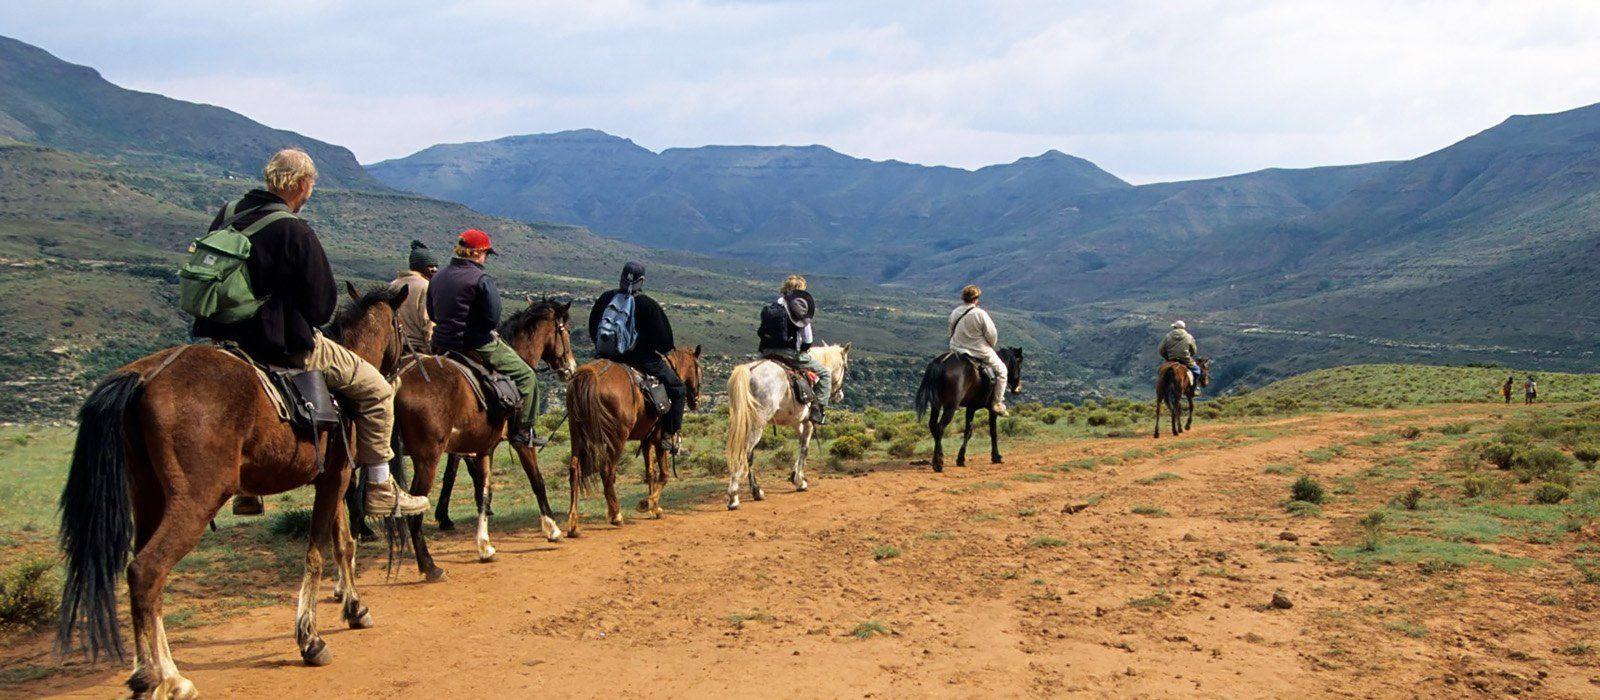 Wanderparadies Südliches Afrika: Abenteuerurlaub zu Fuß und zu Pferd Urlaub 3